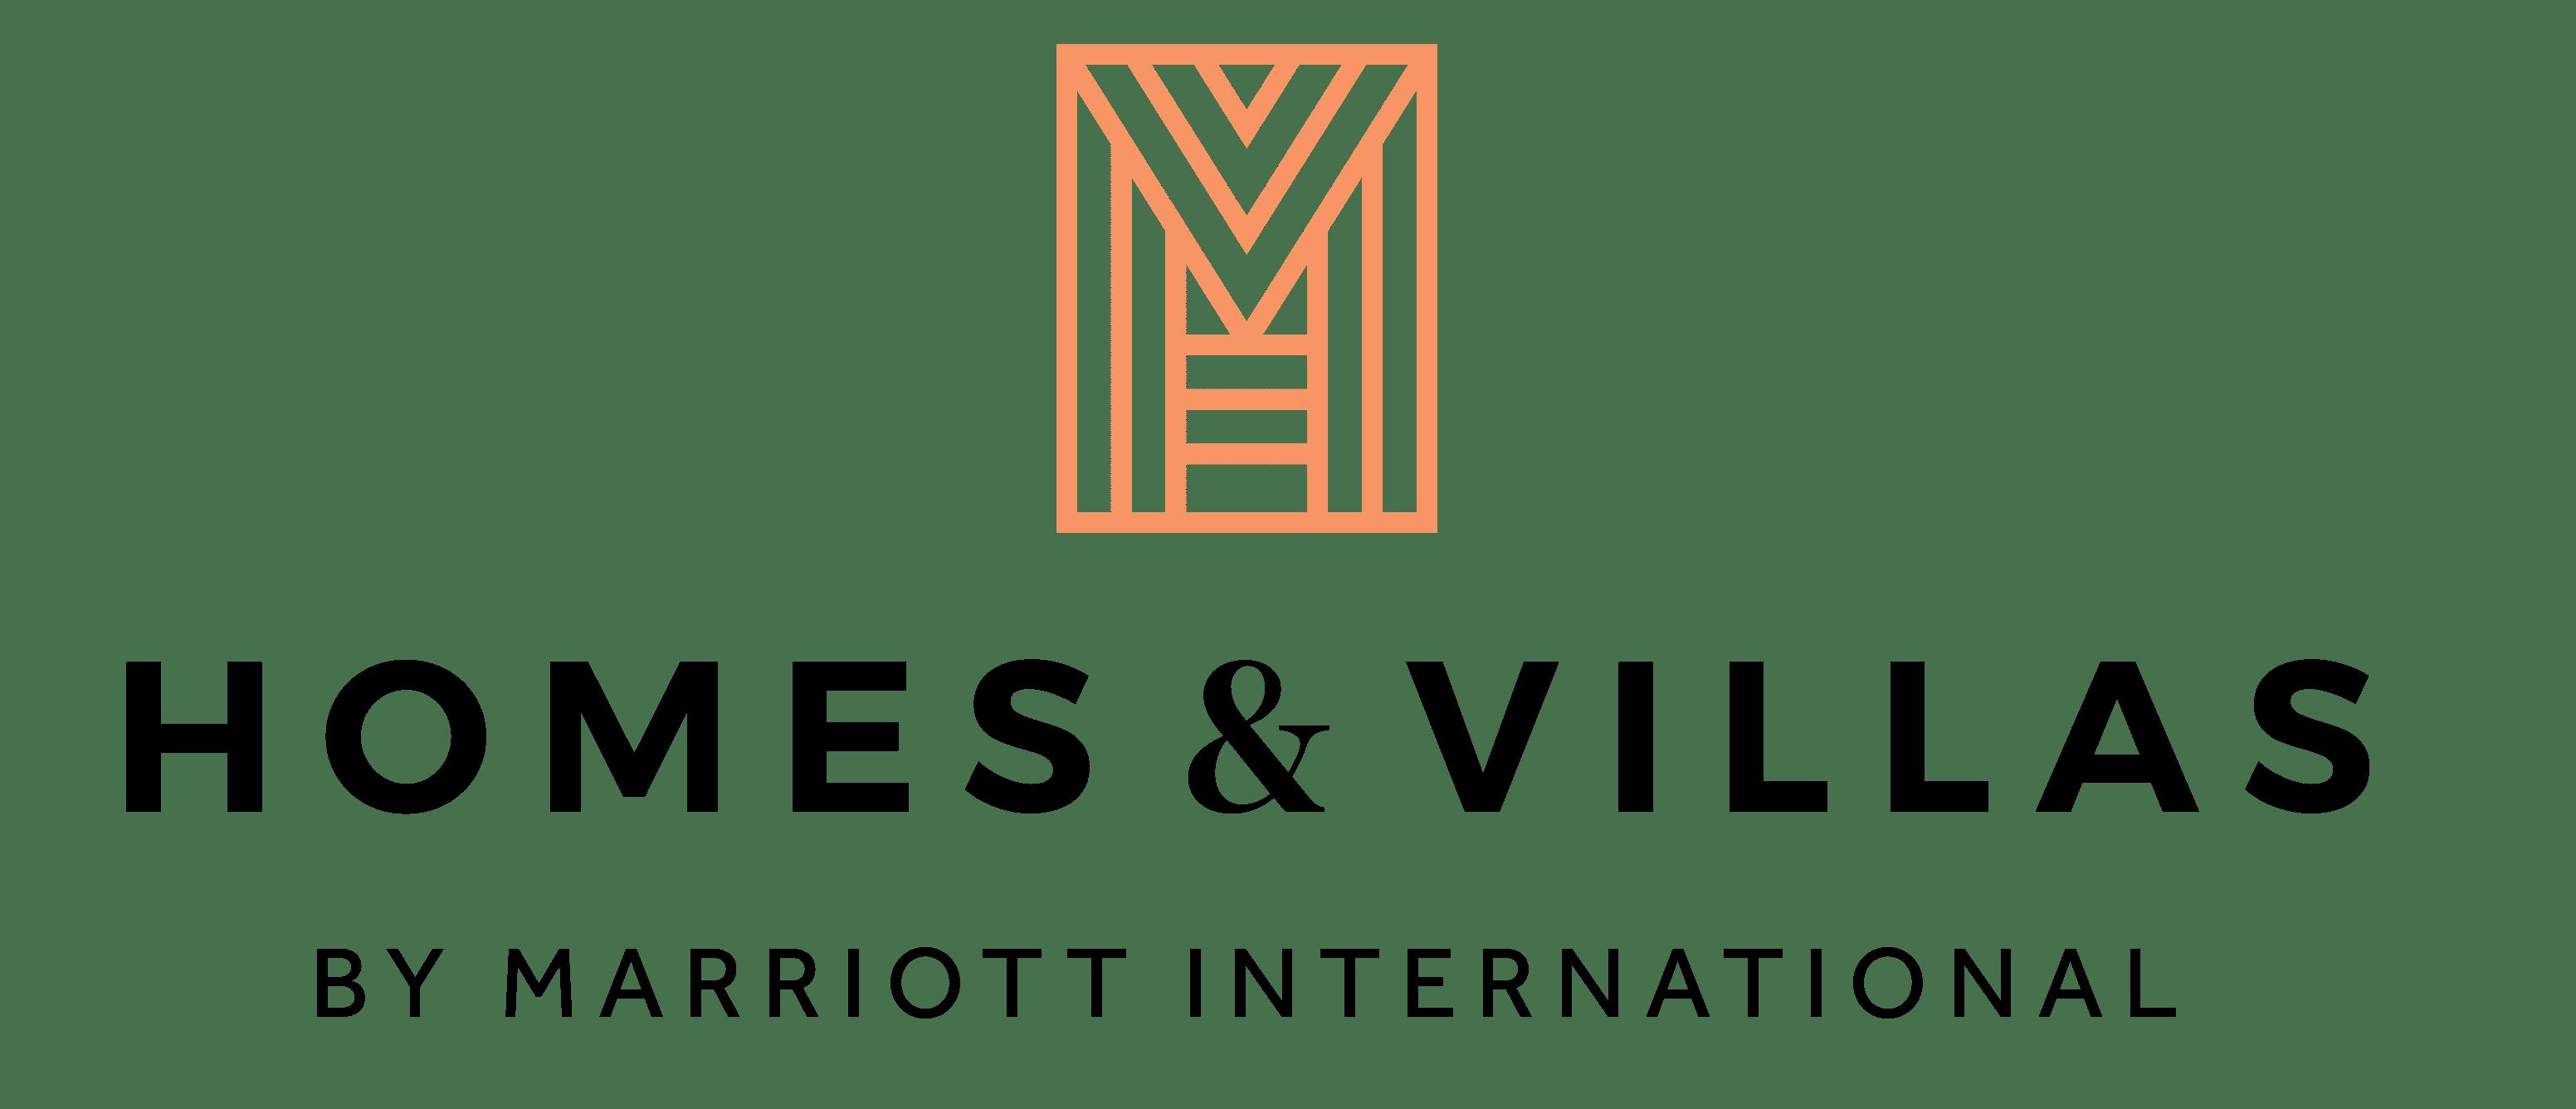 Home & Villas